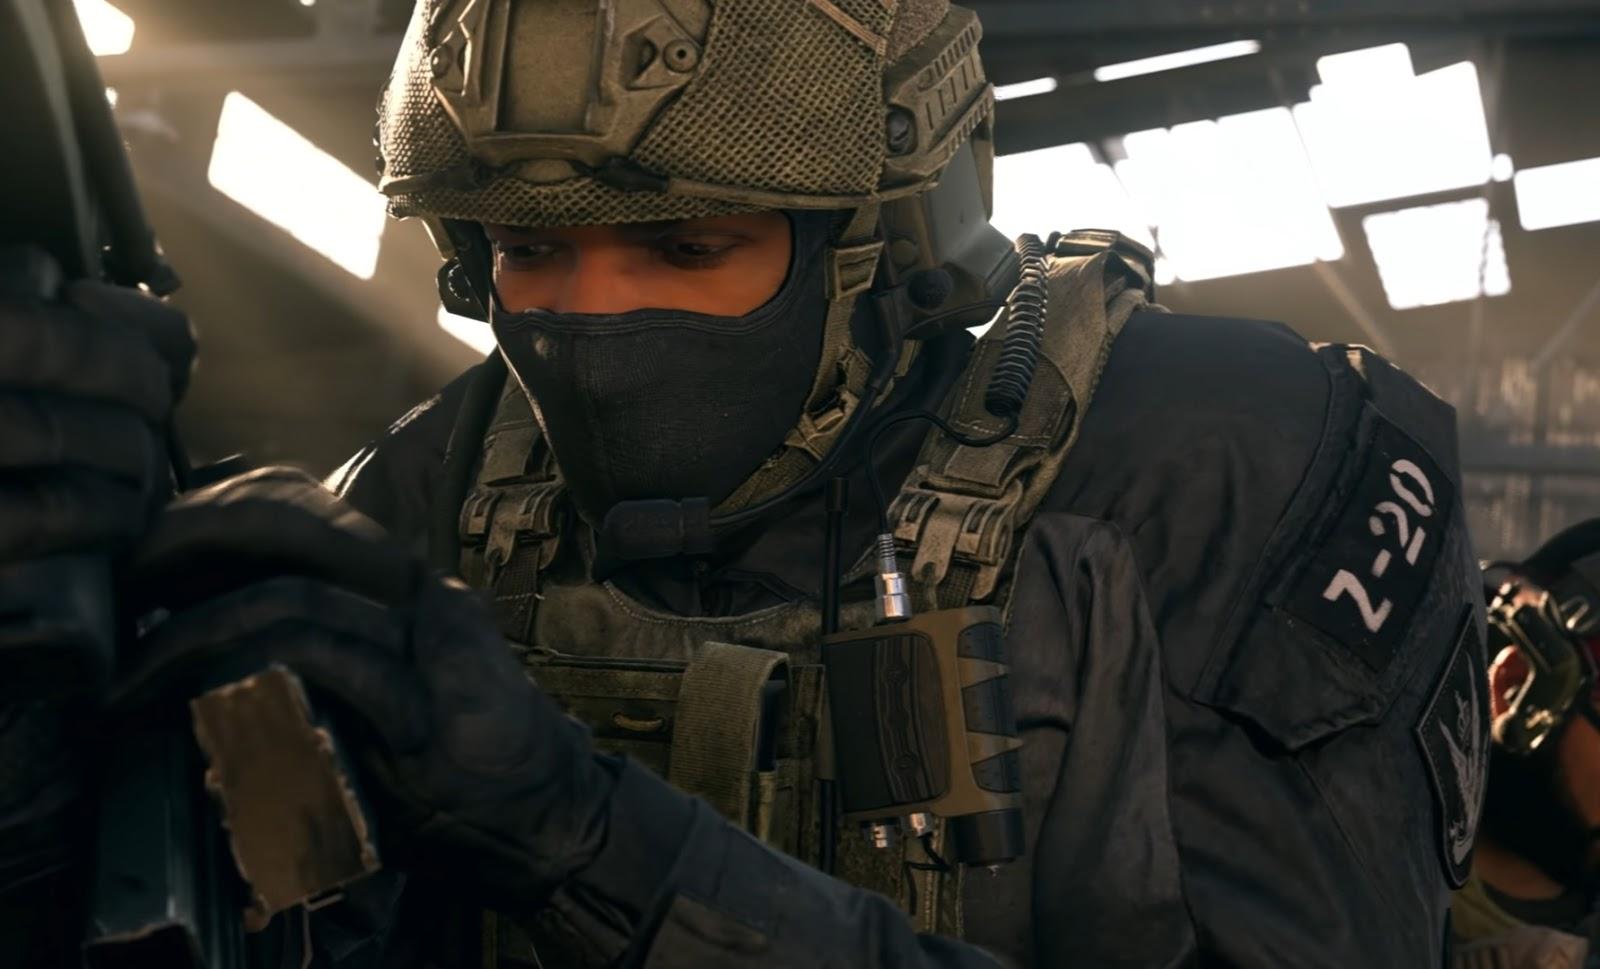 Call of duty : modern war far review, call of duty : modern war far rilis, call of duty : modern war far 2v2 alpha resmi dirilis untuk playstation 4, info game terbaru, kabar game terbaru, berita game terbaru,